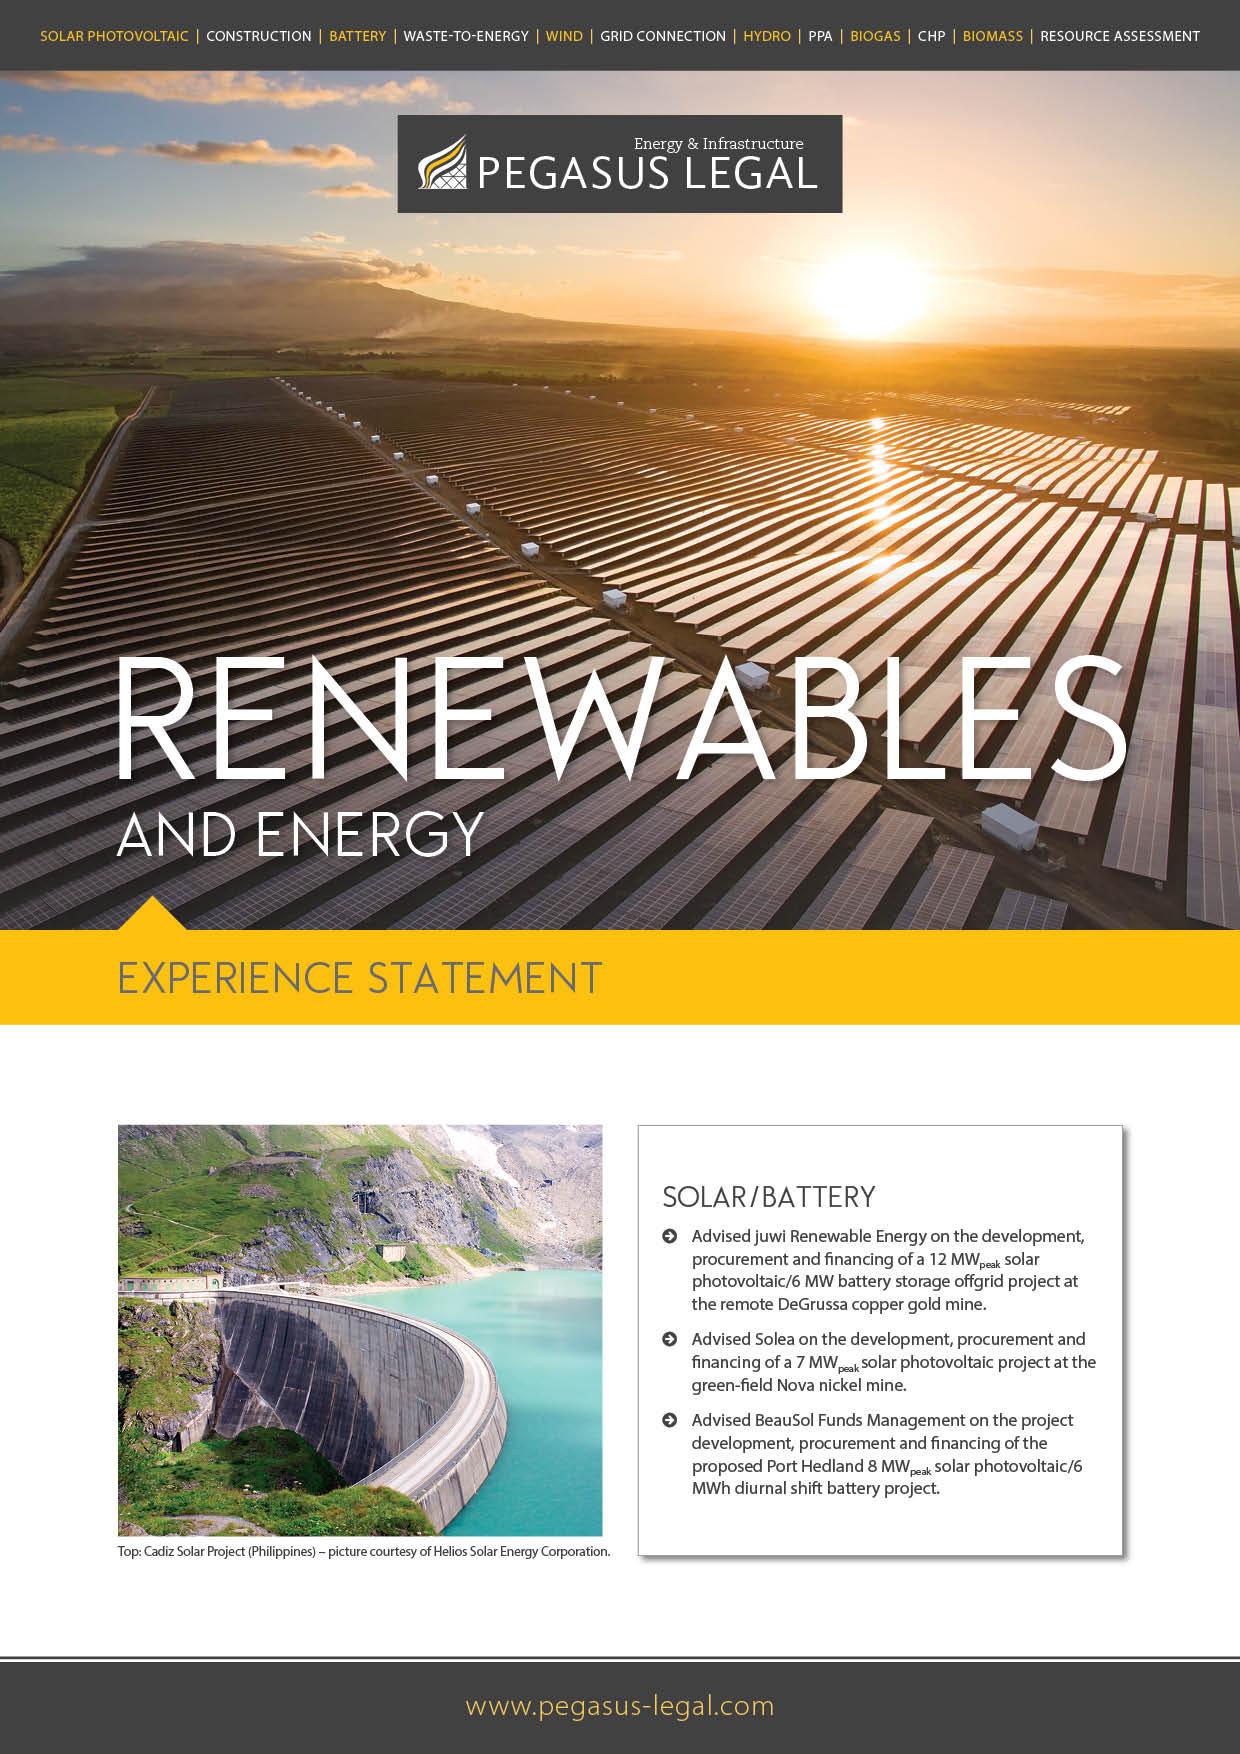 Renewables & Energy_for website.jpg